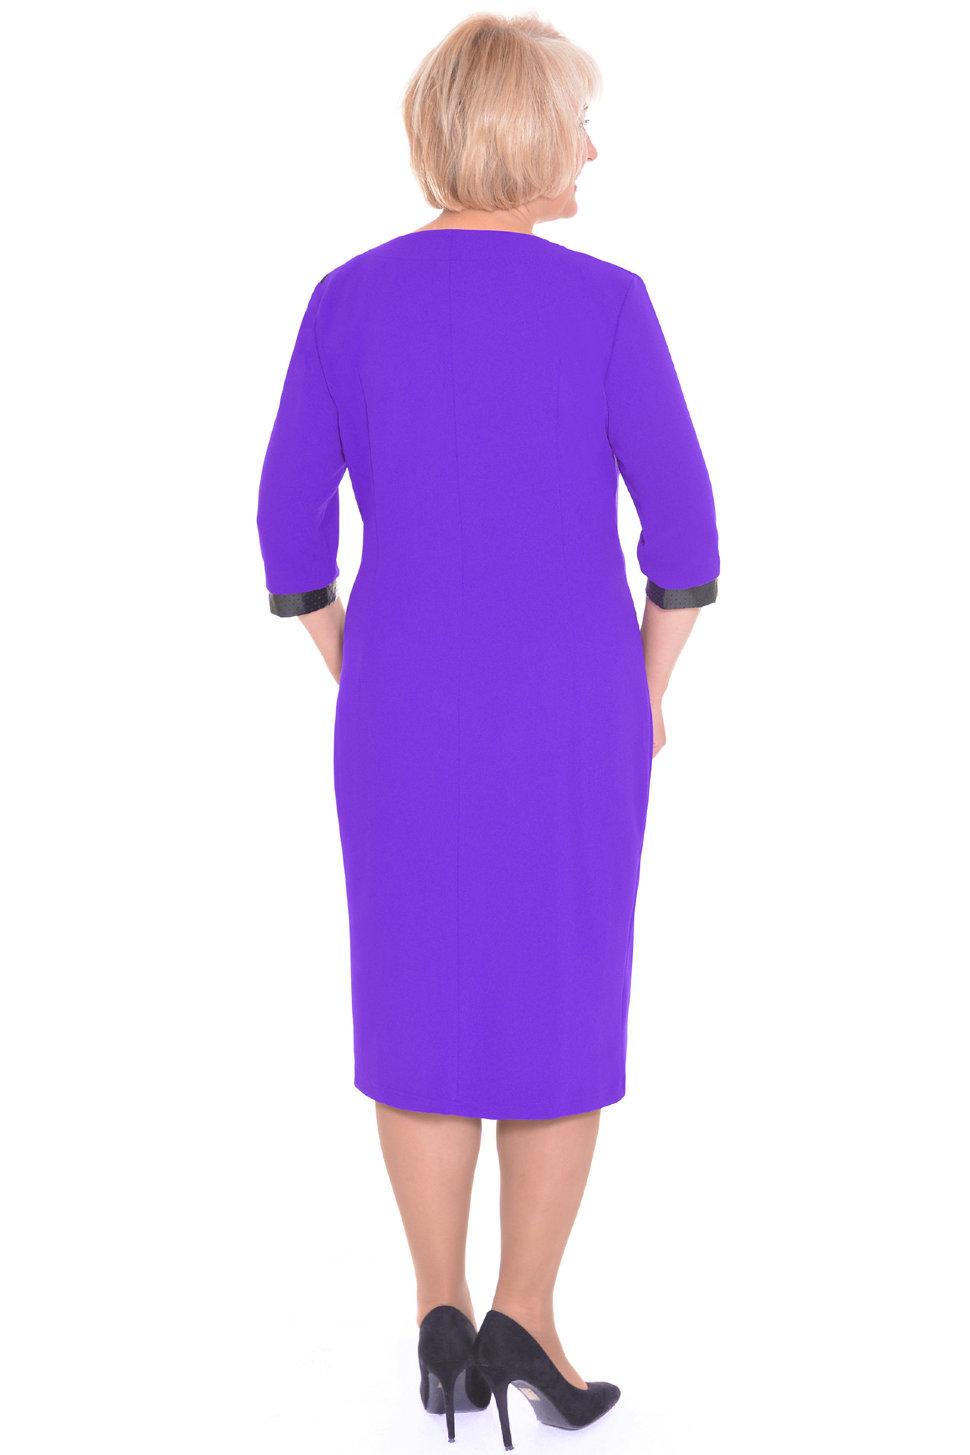 bc610765a6c Купить Платье Alenka Plus 1440